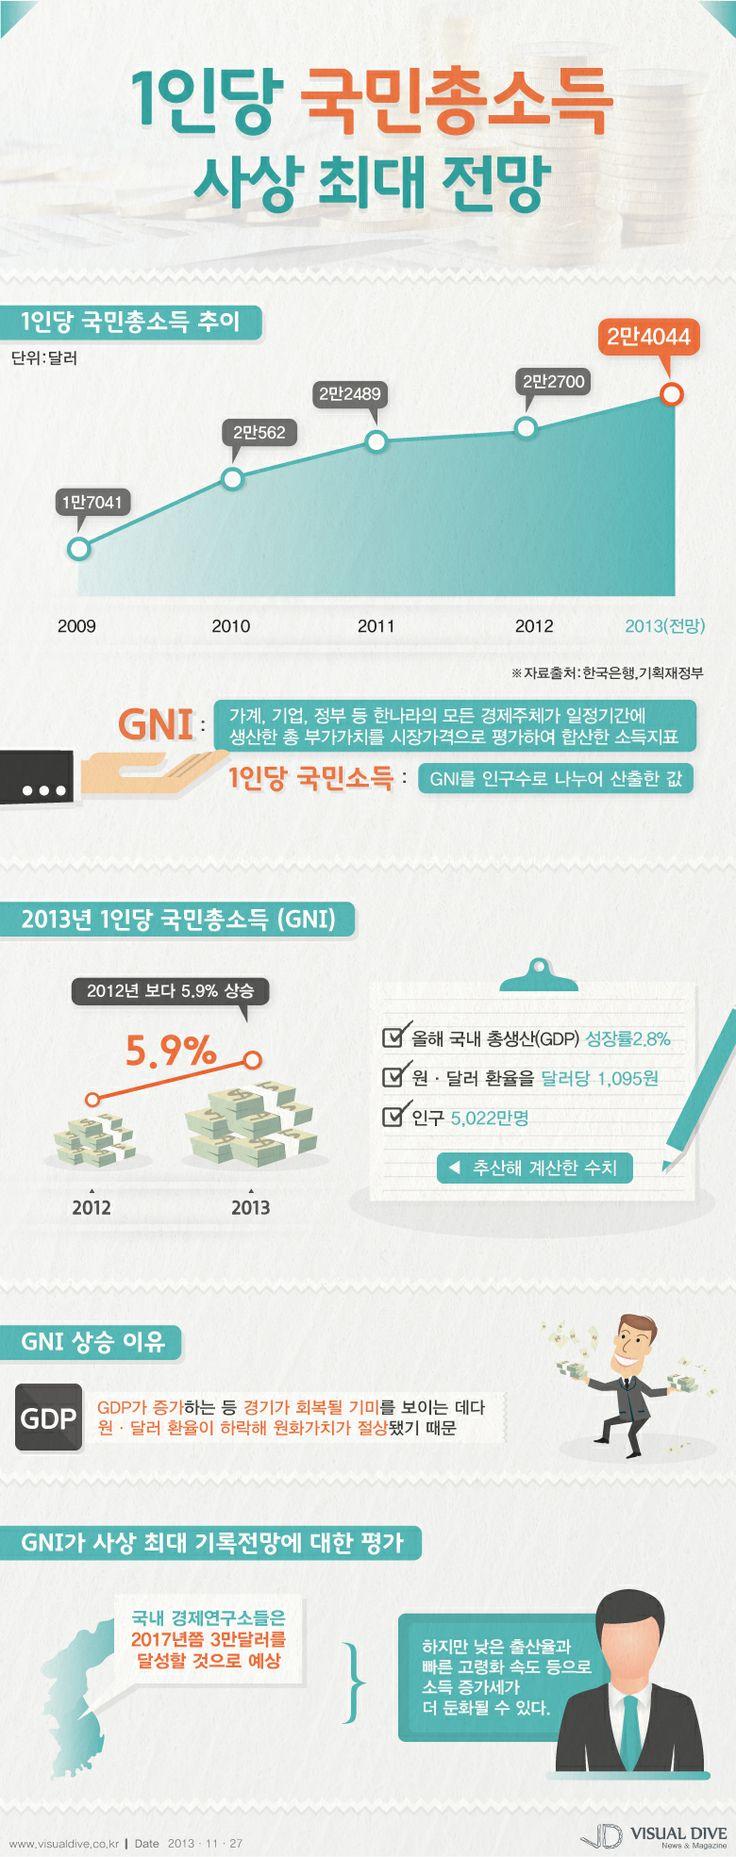 [Infographic] 2013 1인당 국민총소득(GNI)에 관한 인포그래픽